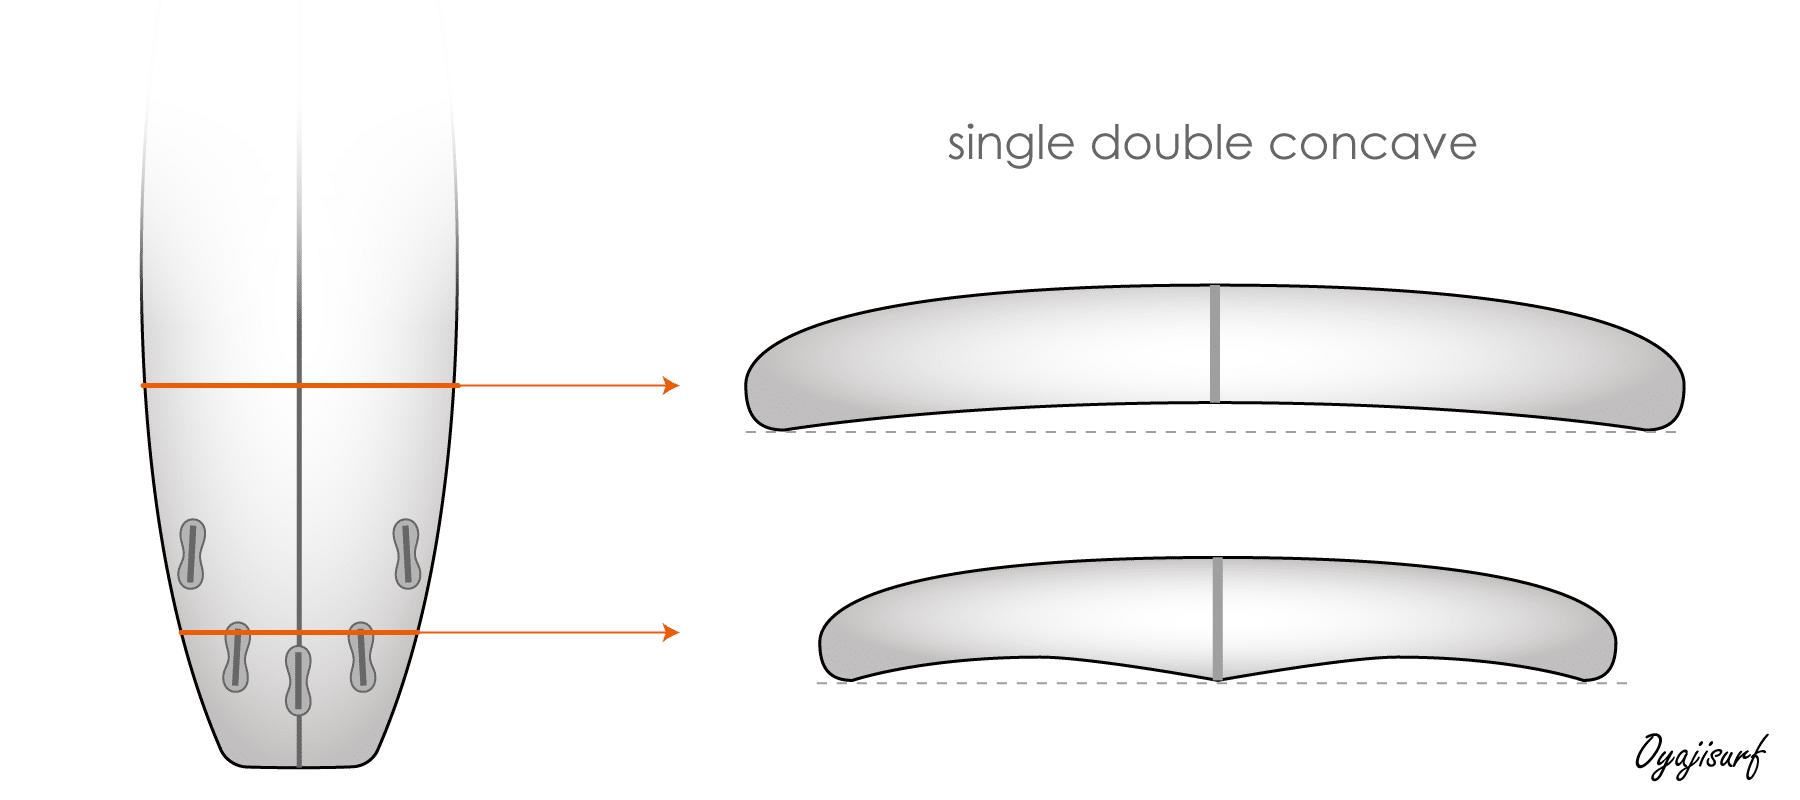 シングルダブルコンケーブのイラスト